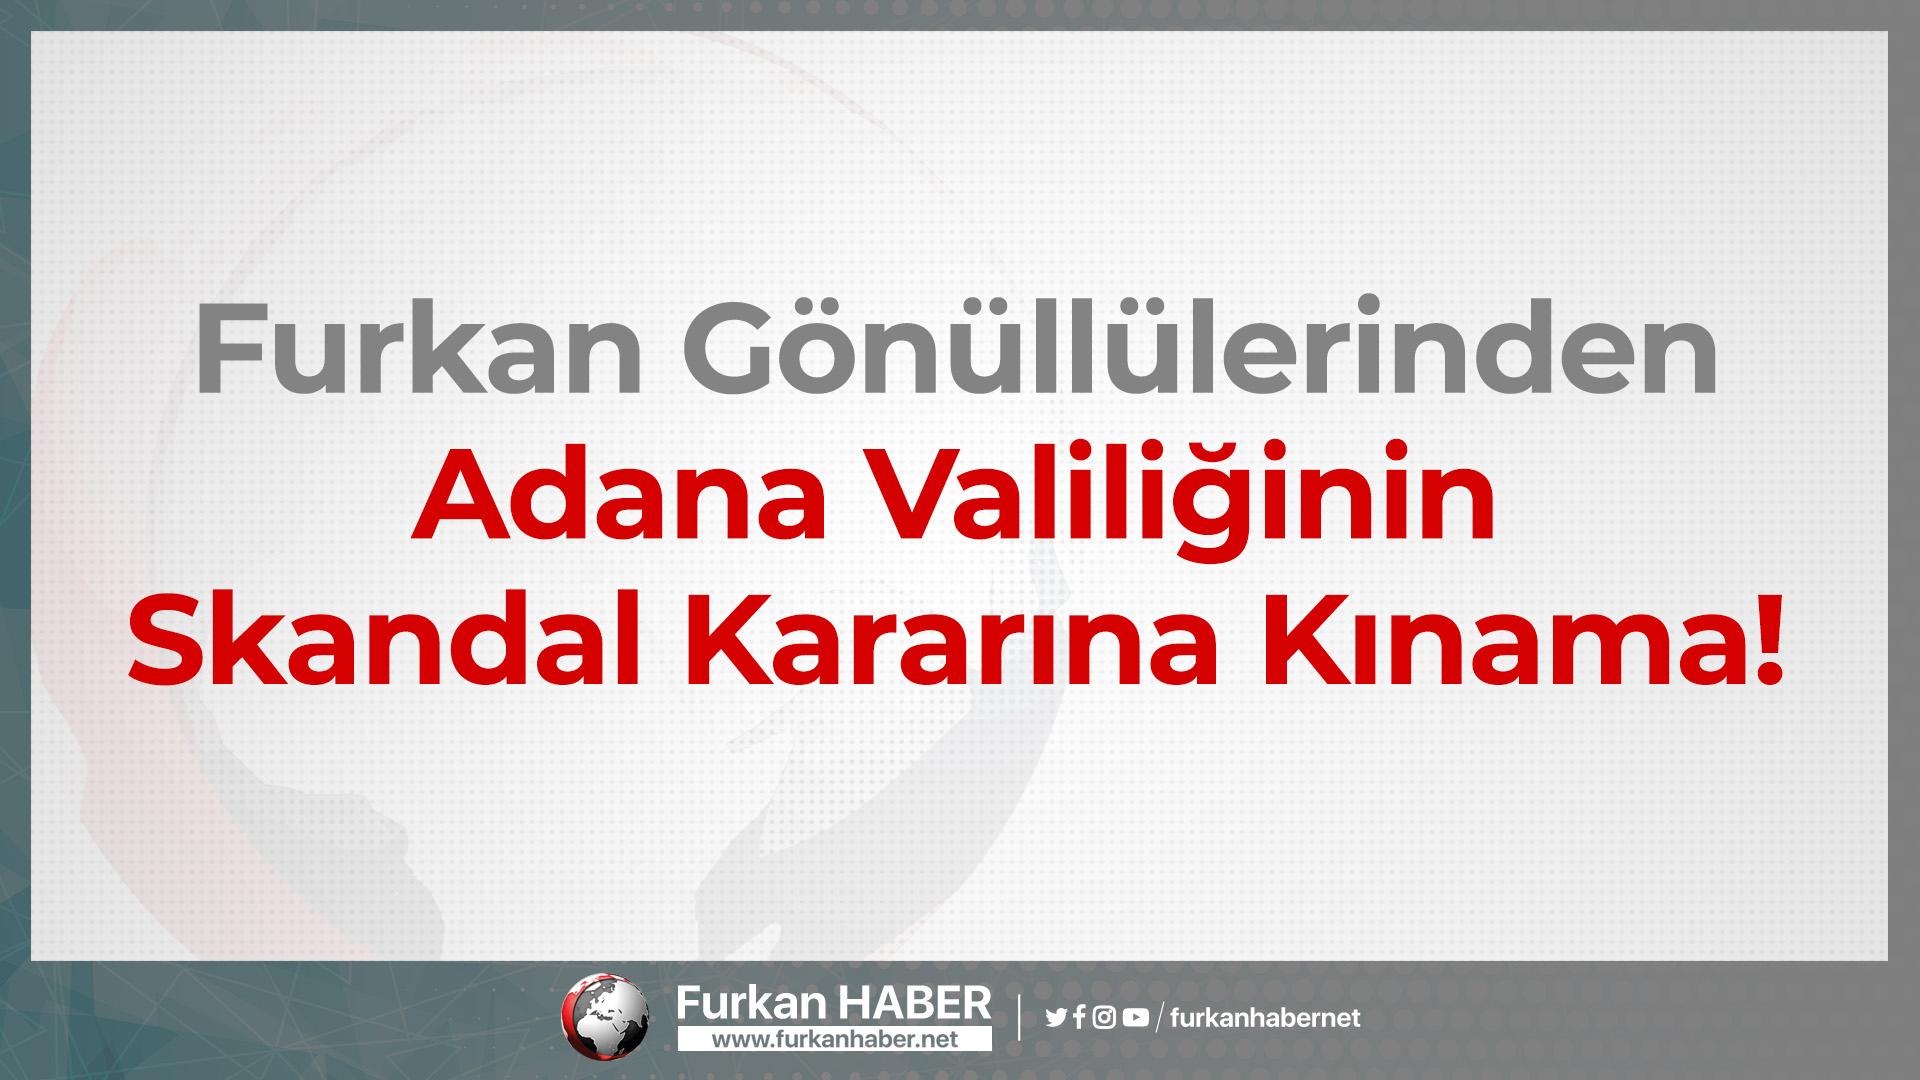 Furkan Gönüllülerinden Adana Valiliğinin Skandal Kararına Kınama!